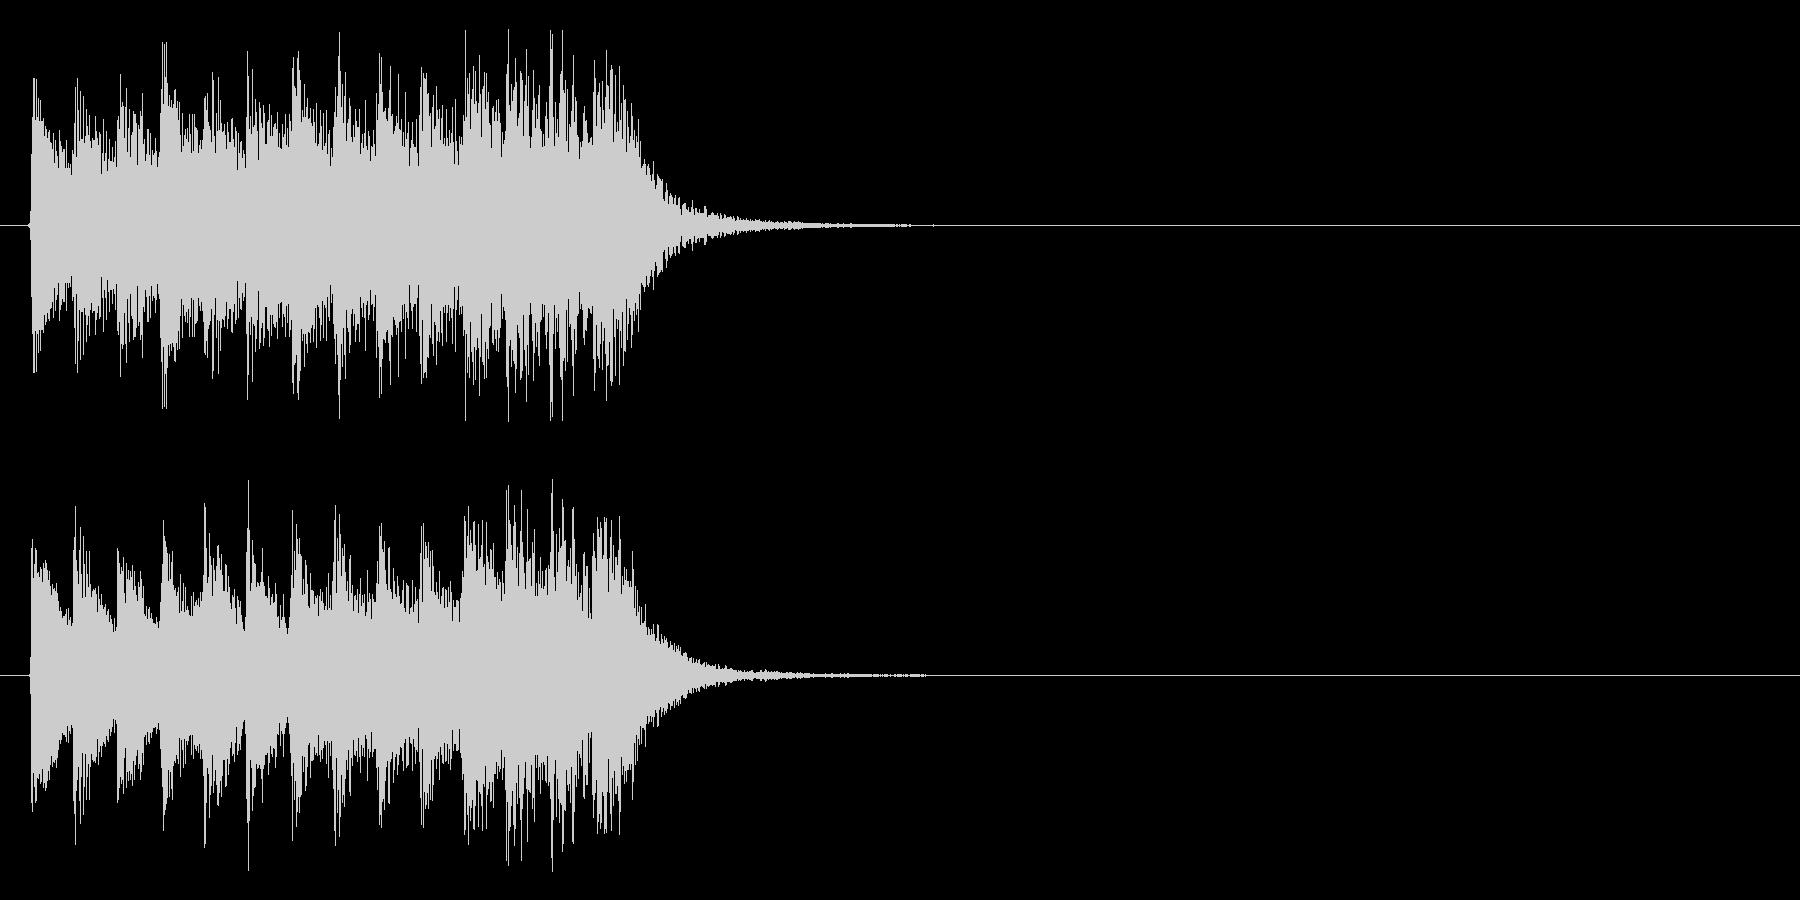 ピアノジングル2、緊迫、映像の未再生の波形